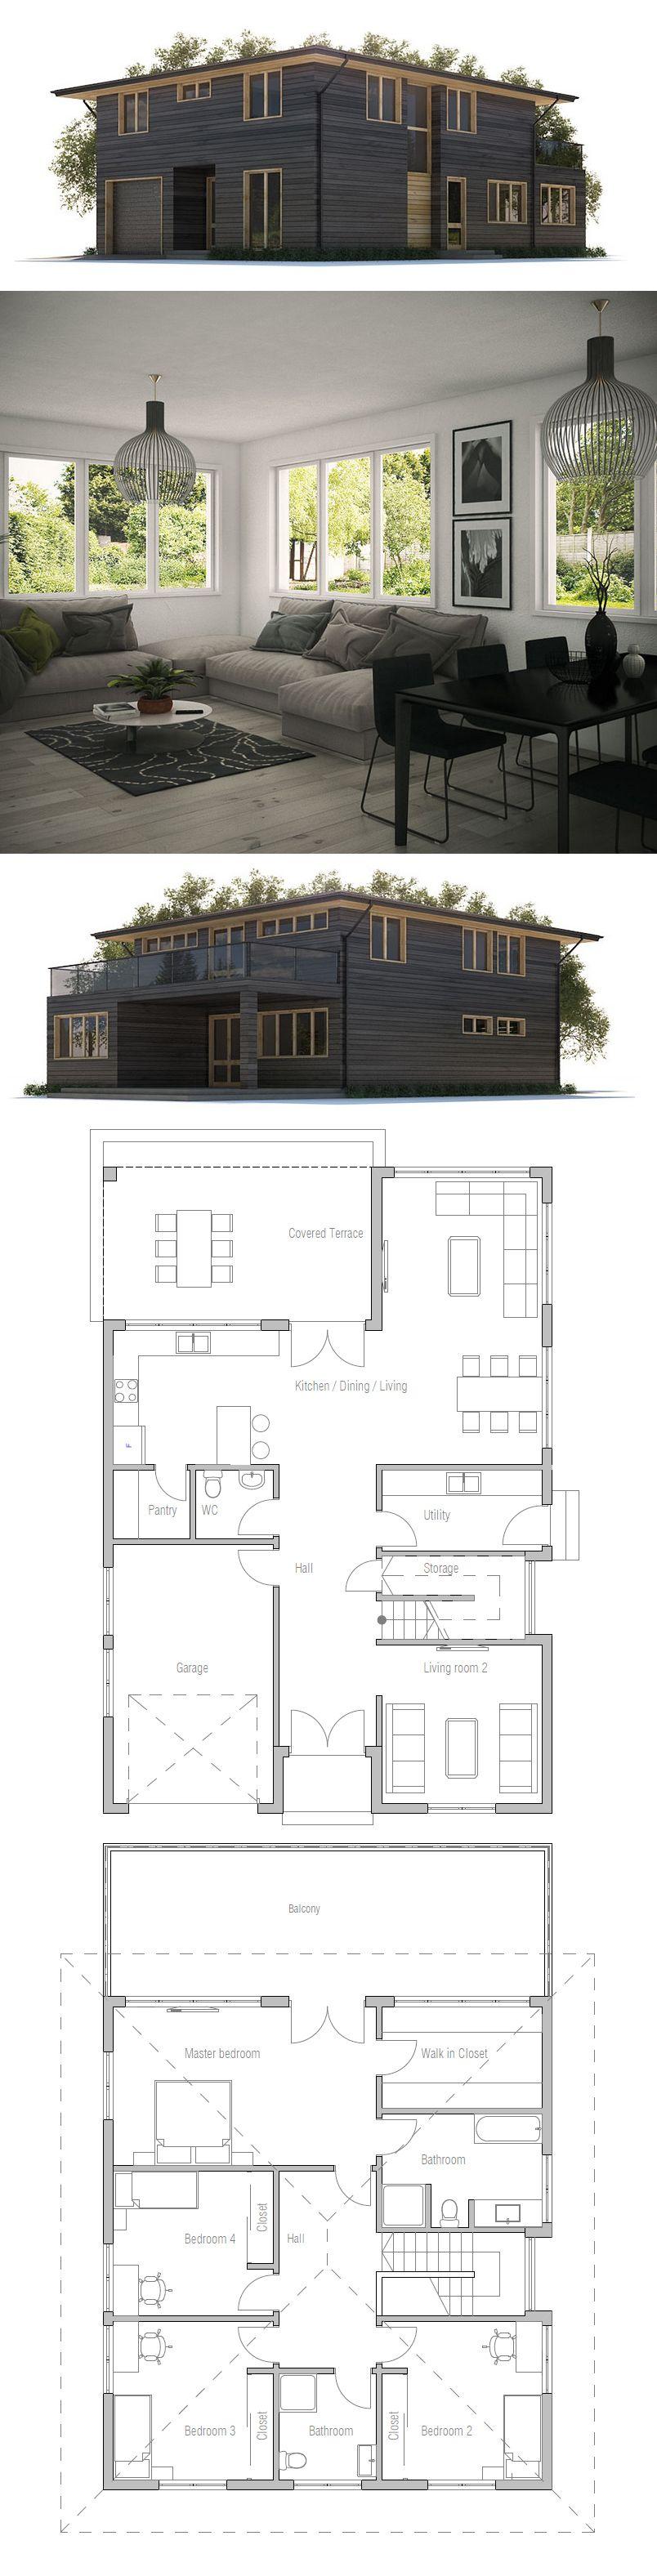 House Design 2015 Maquetes De Casas Arquitetura Casas Arquitetura E Urbanismo